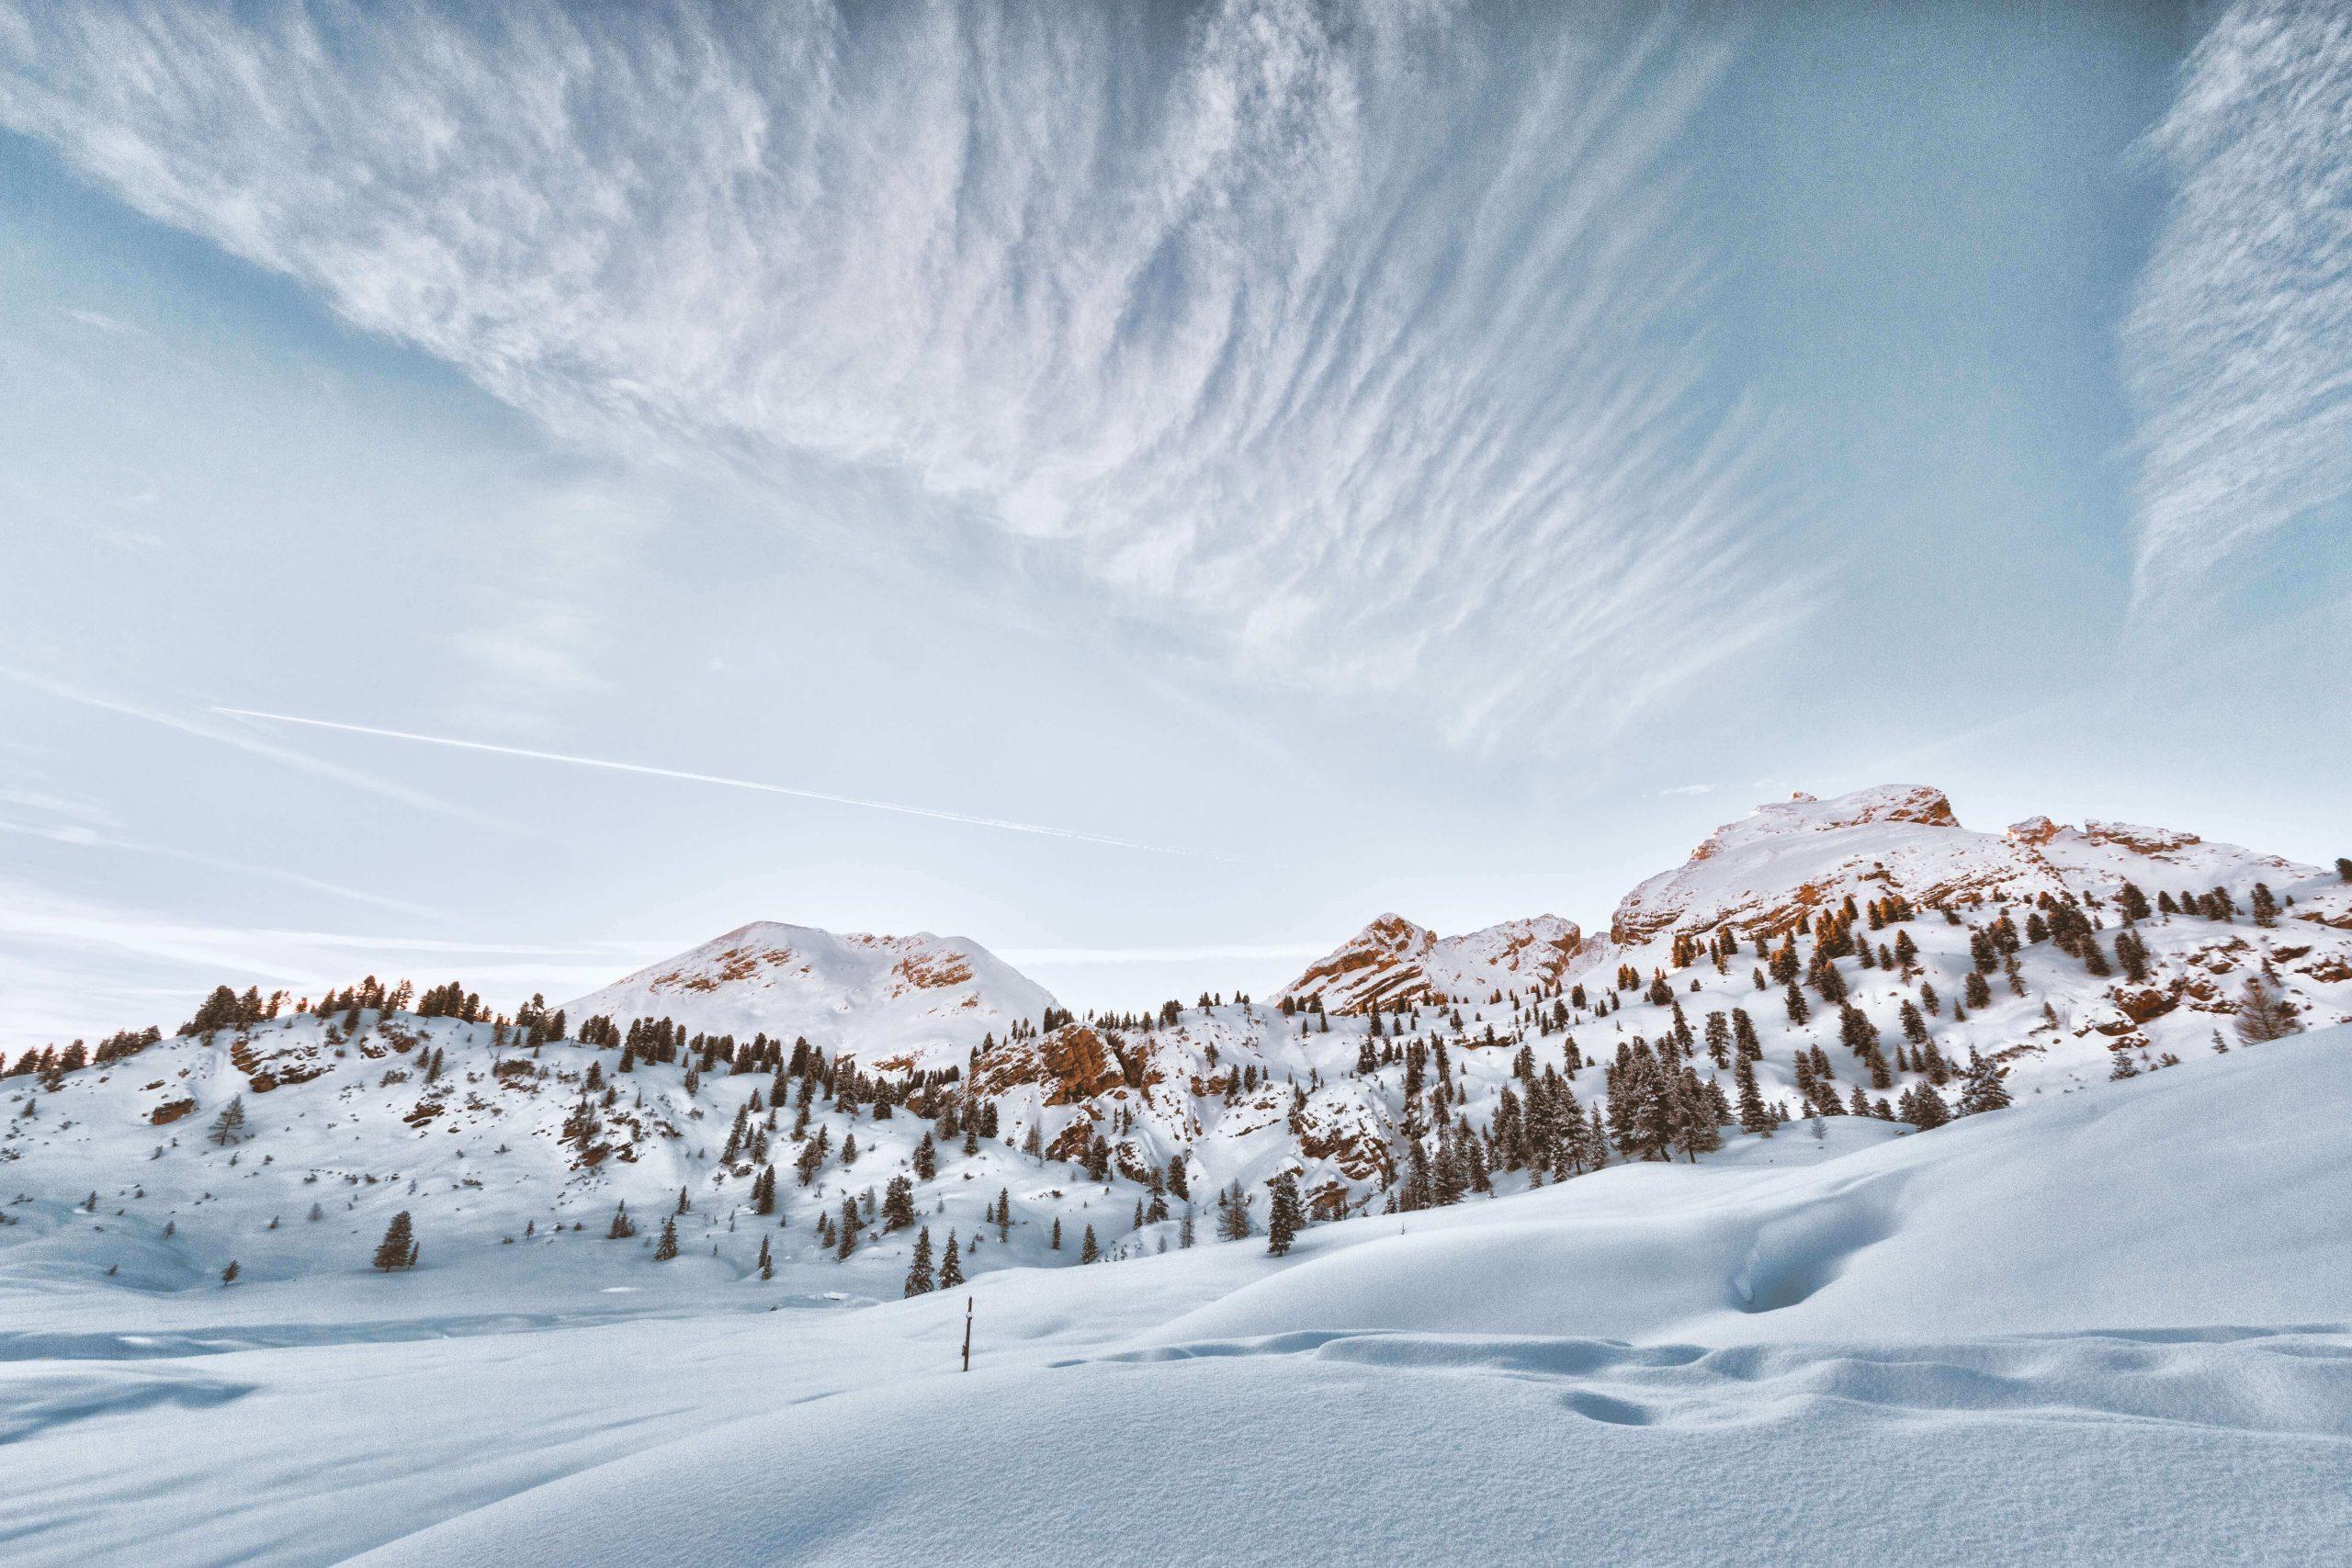 Kar yağmış bir dağ - siberdefter